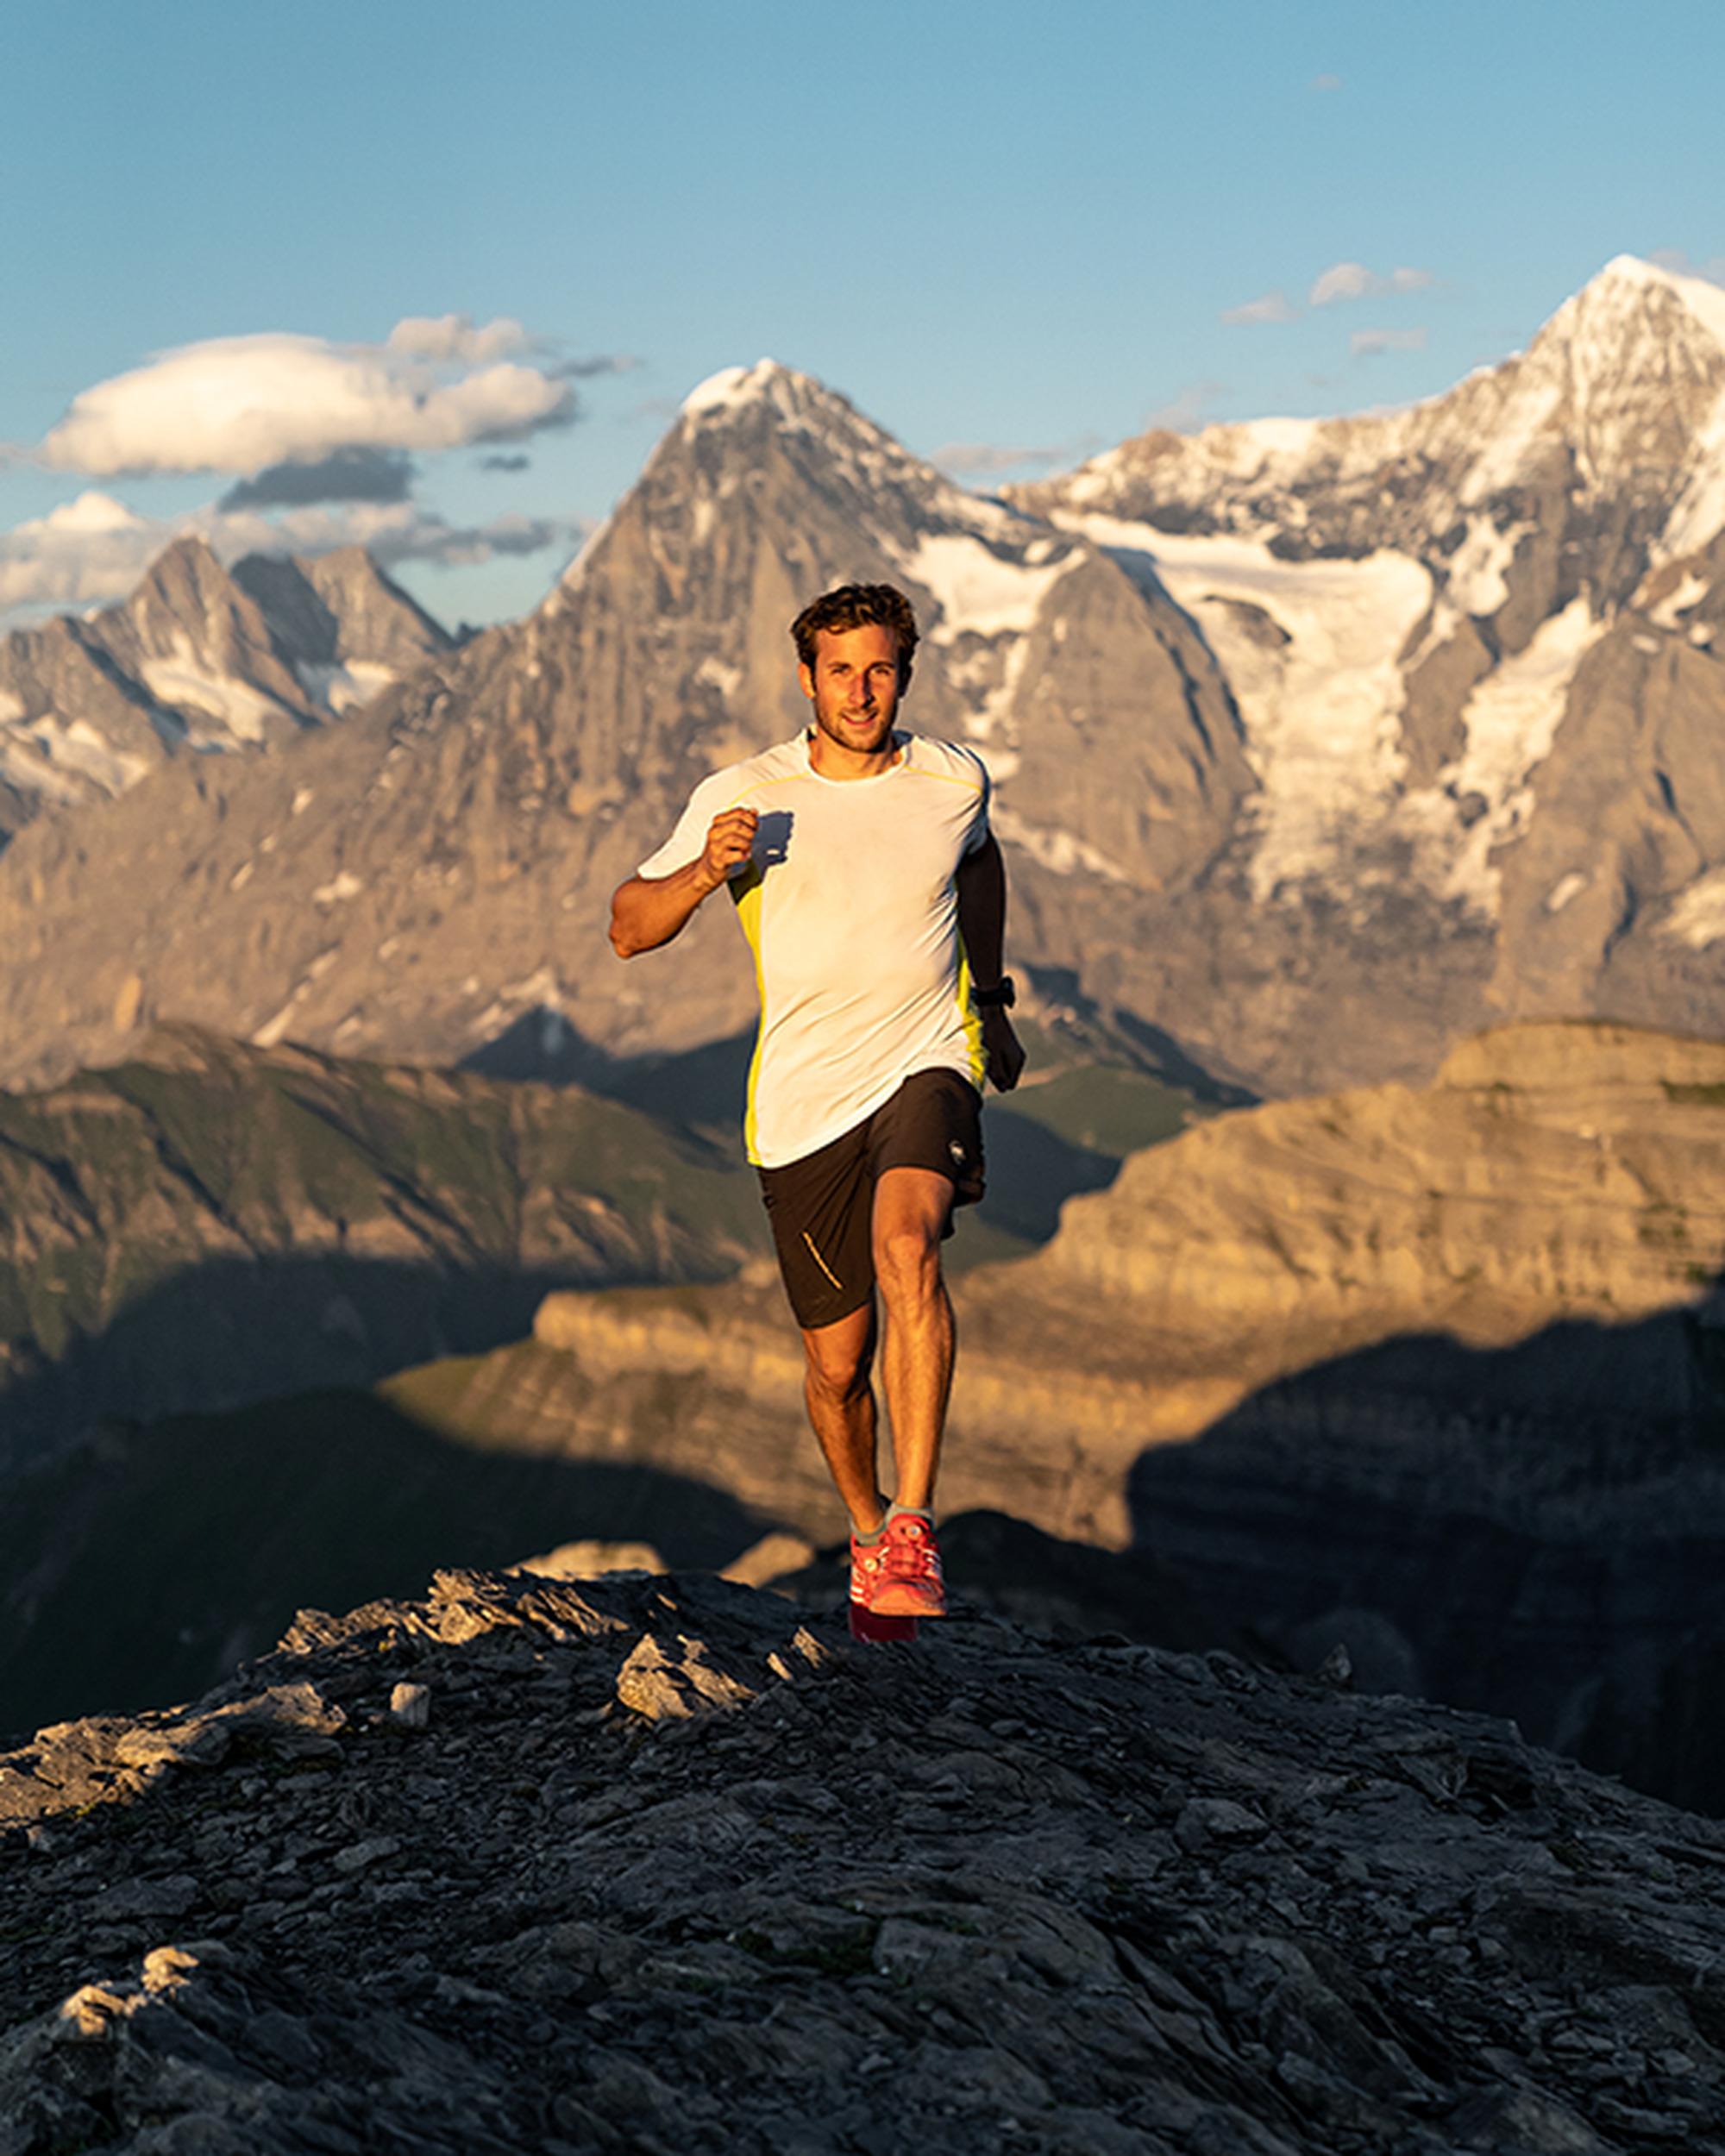 Eiger Outdoor Challenge: alpiner Triathlon am Fusse der Eiger Nordwand